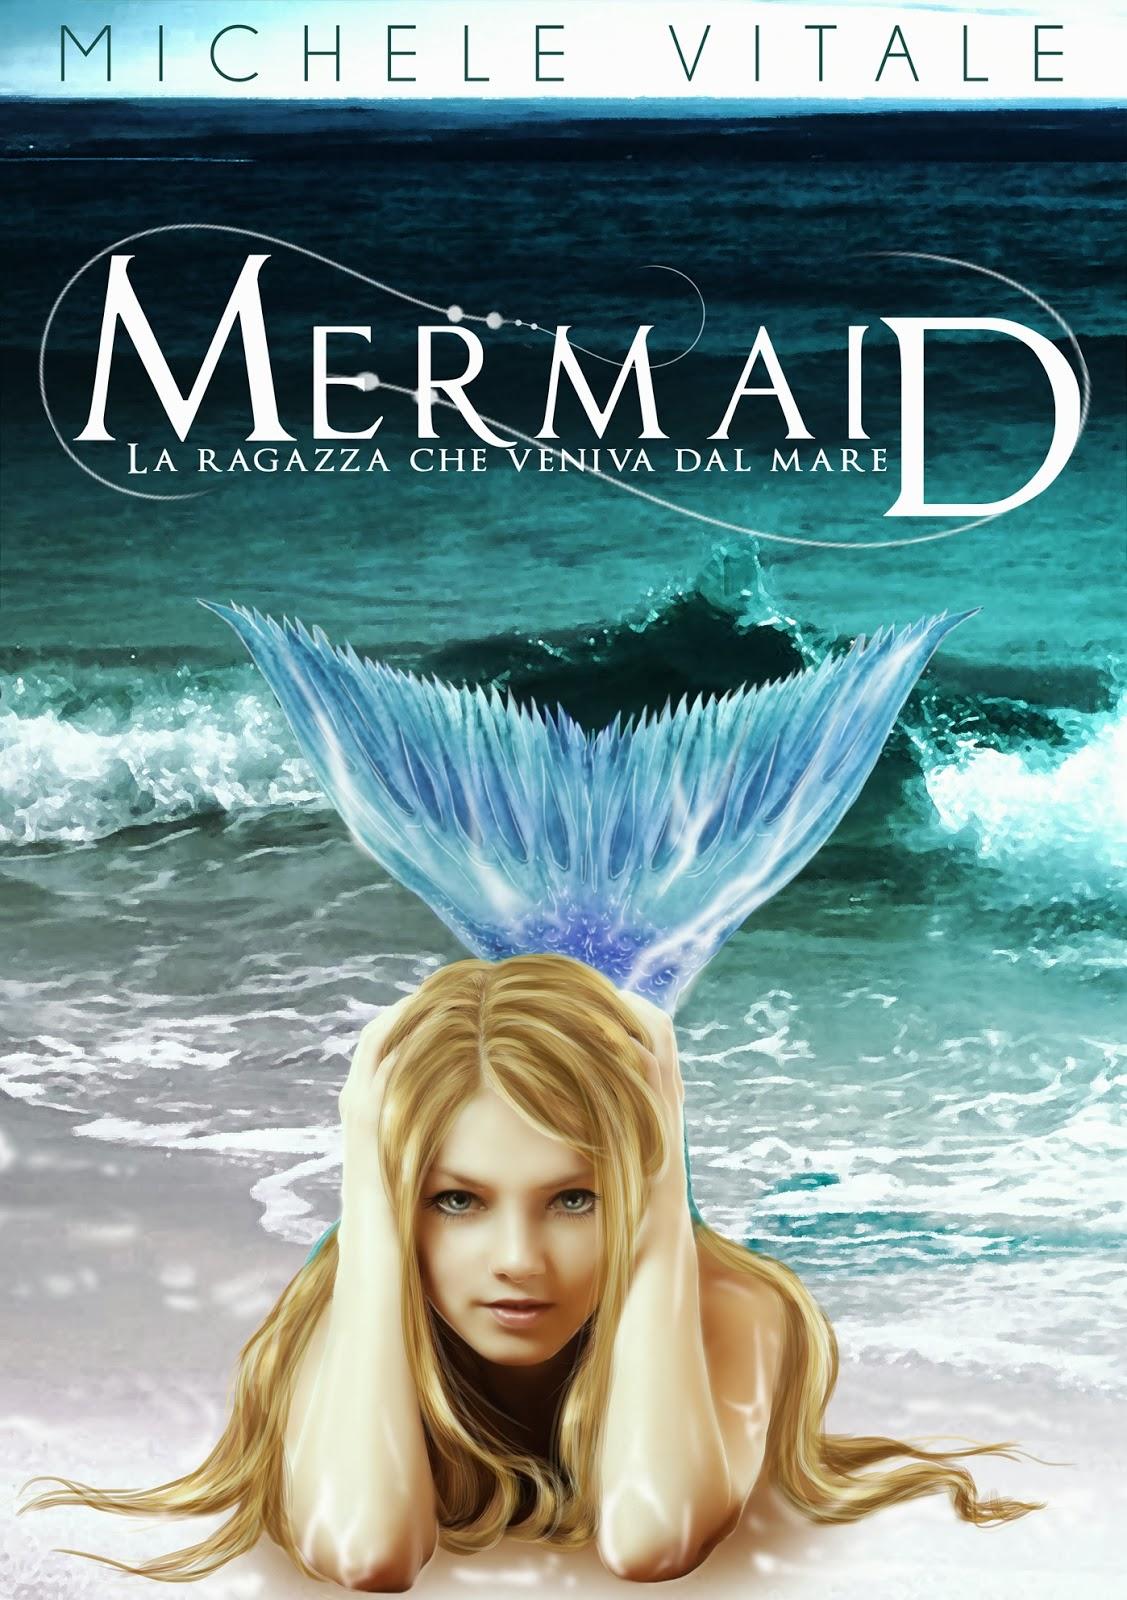 Mermaid - La ragazza che veniva dal mare